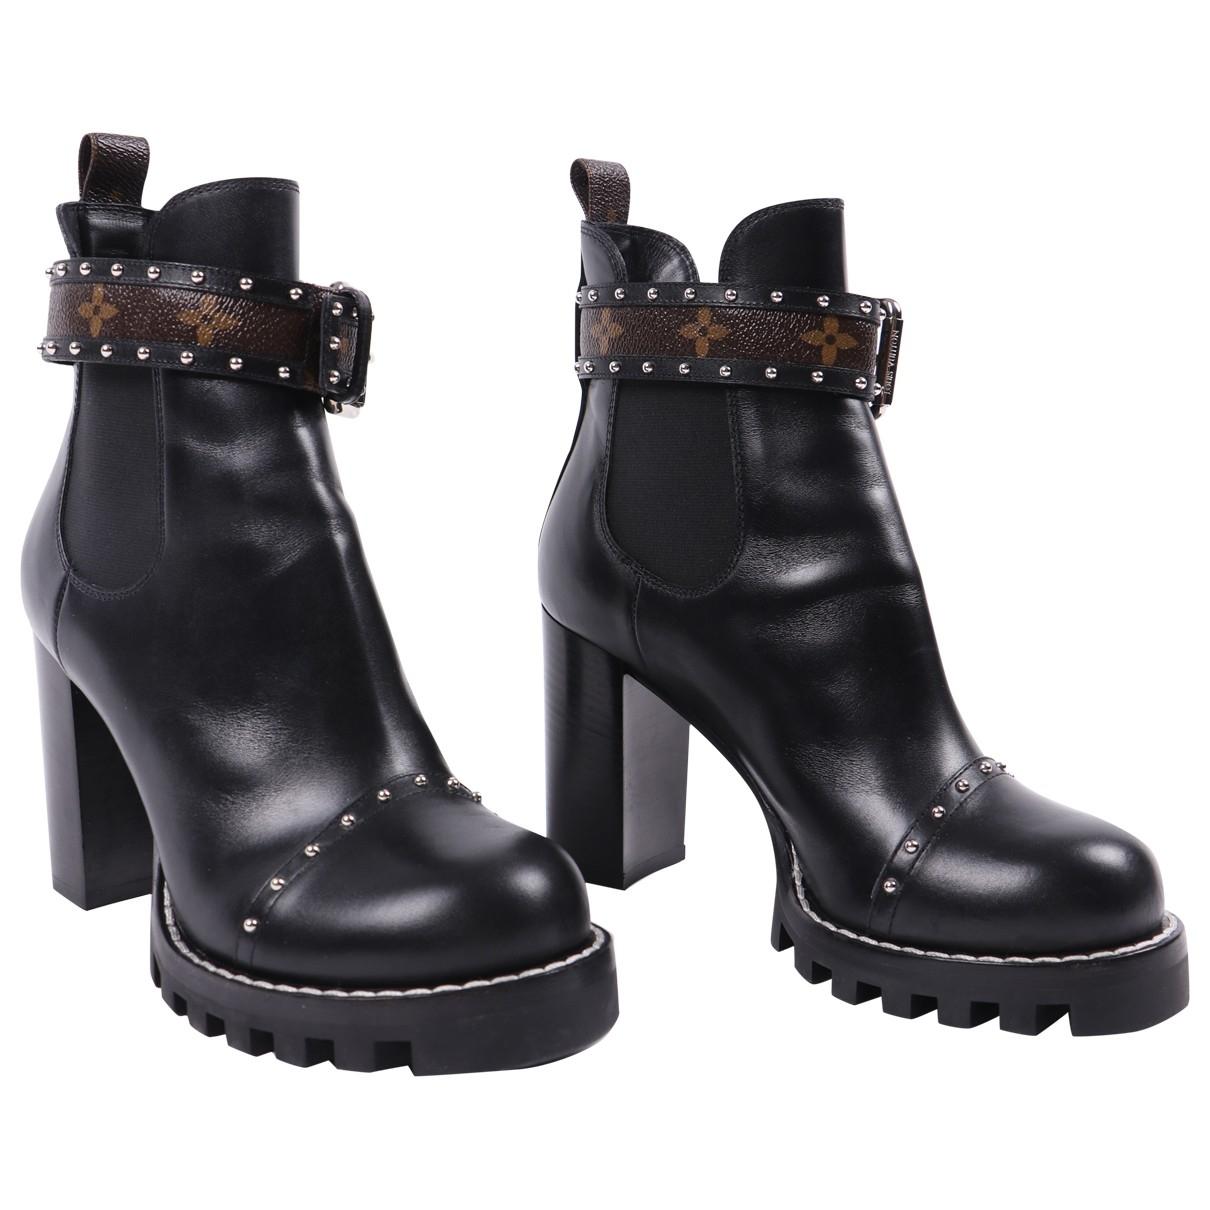 Louis Vuitton - Boots Star Trail pour femme en cuir - noir